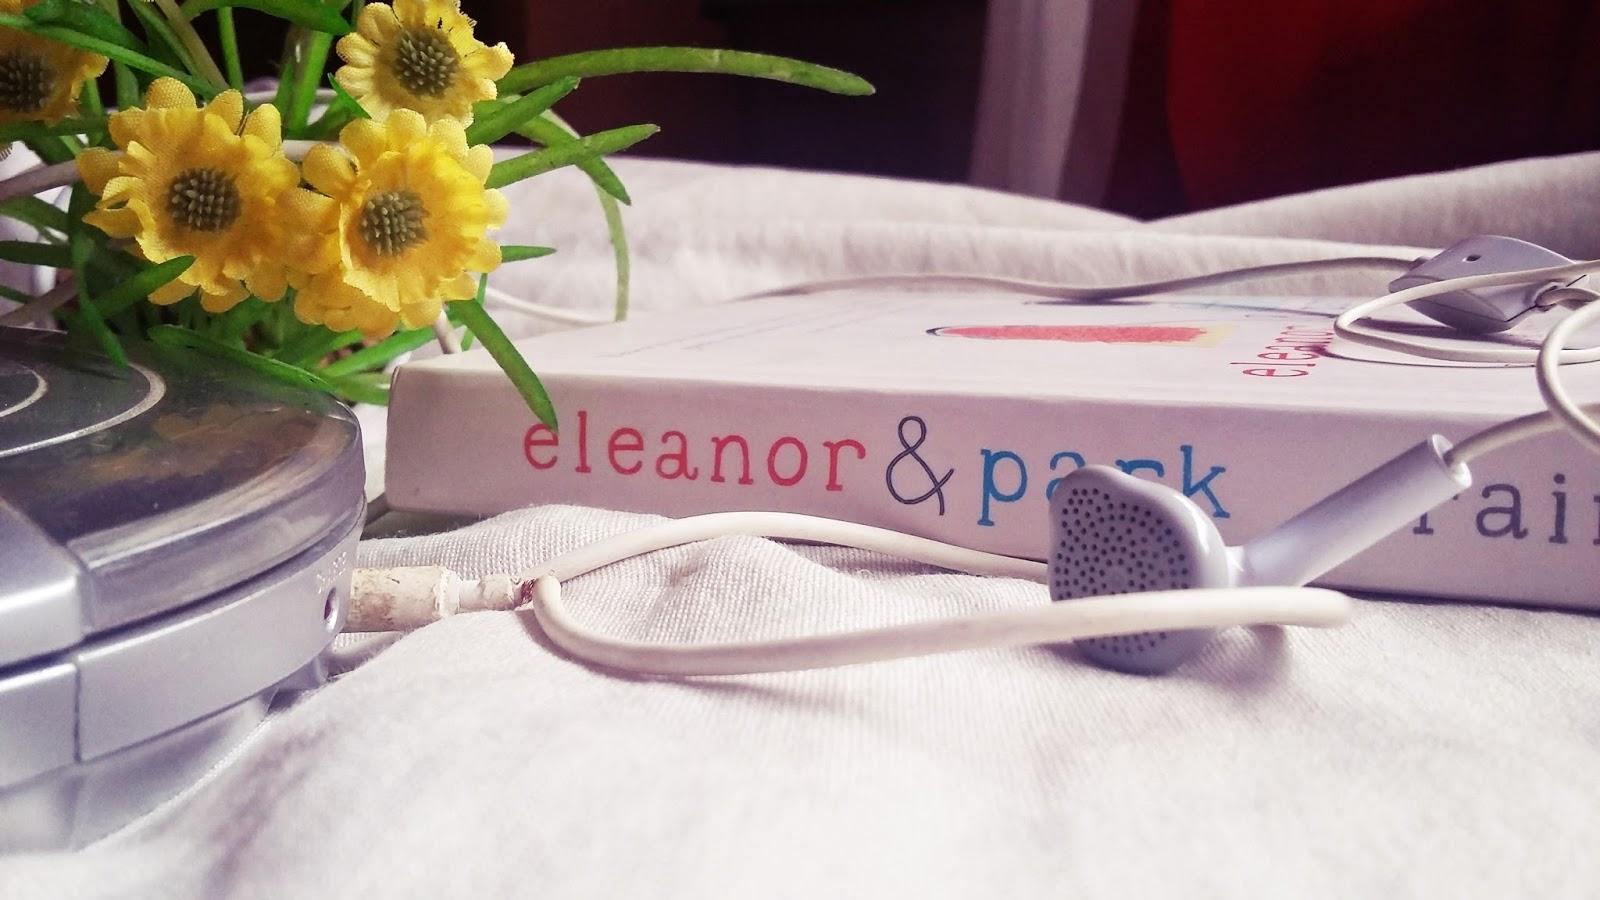 RESENHA DO LIVRO Eleanor & Park